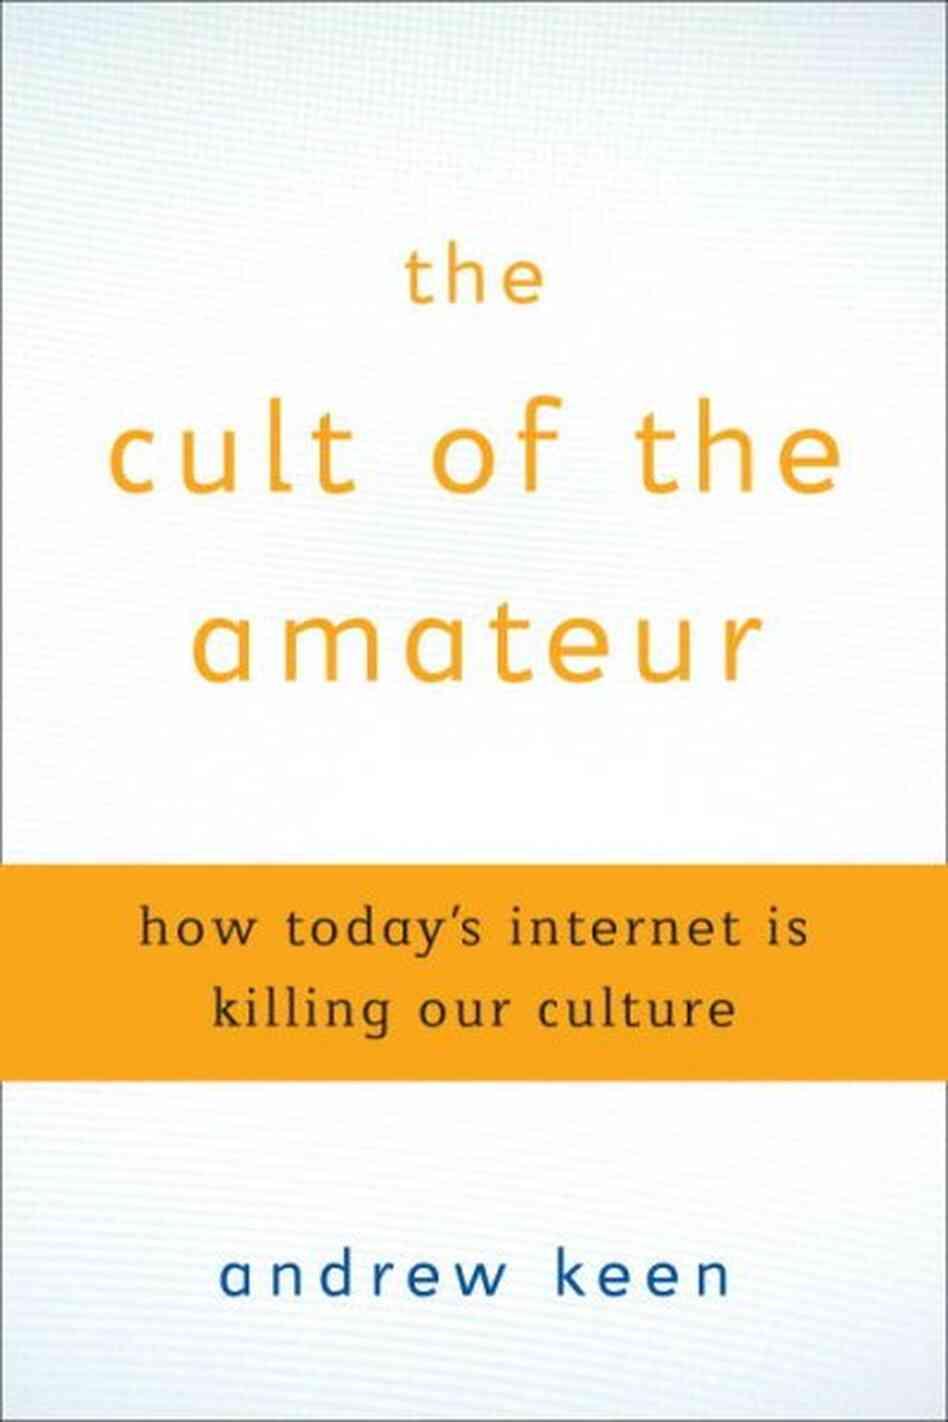 Culture of the amateur